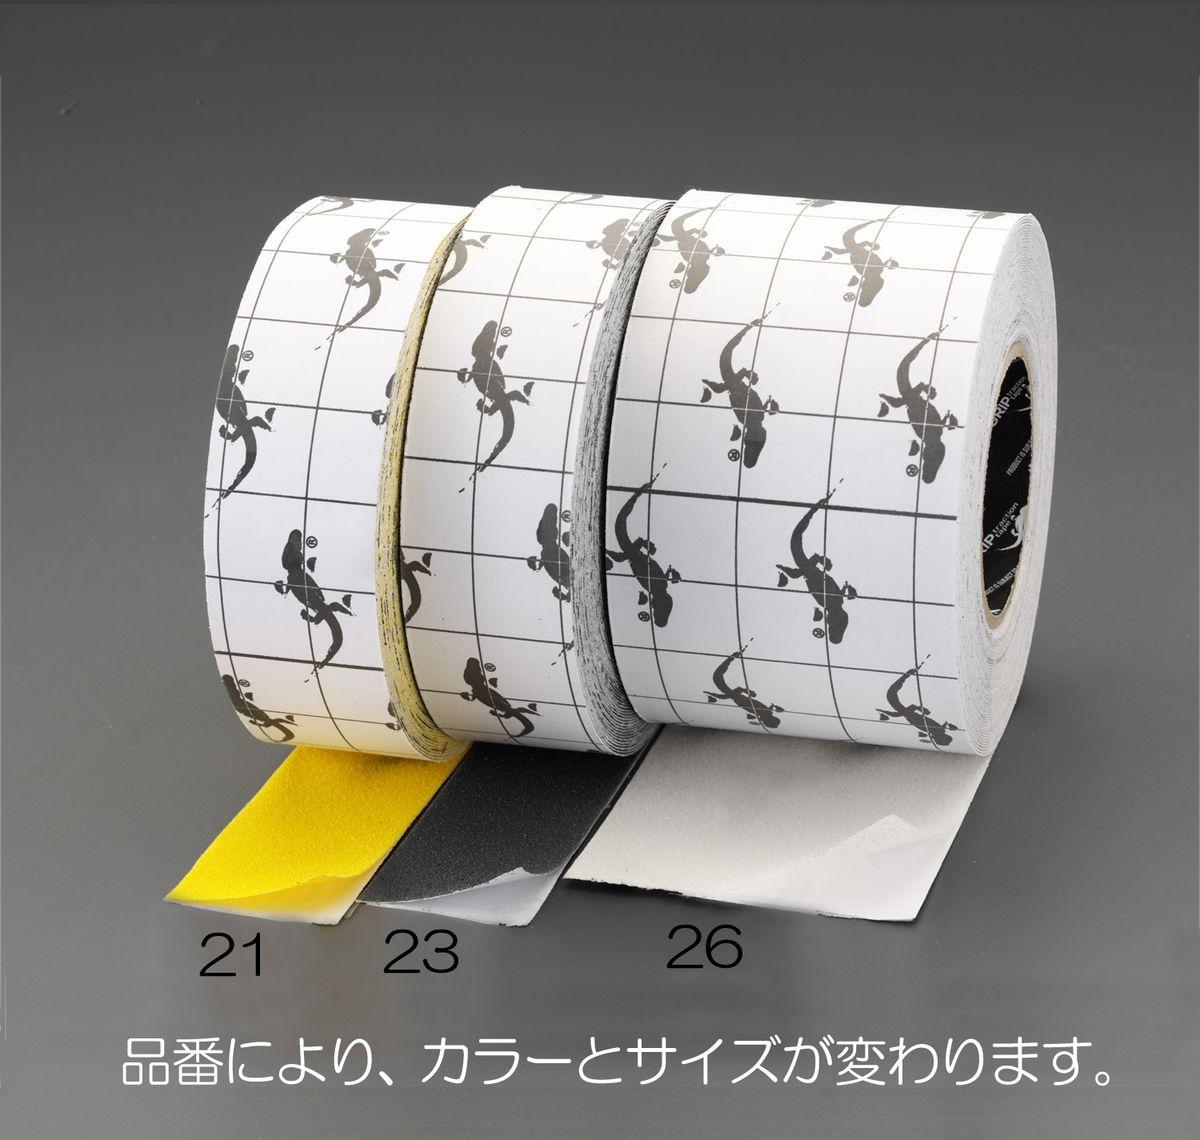 【メーカー在庫あり】 エスコ ESCO 100mmx18.3m 滑り止めテープ グレー 000012249707 JP店